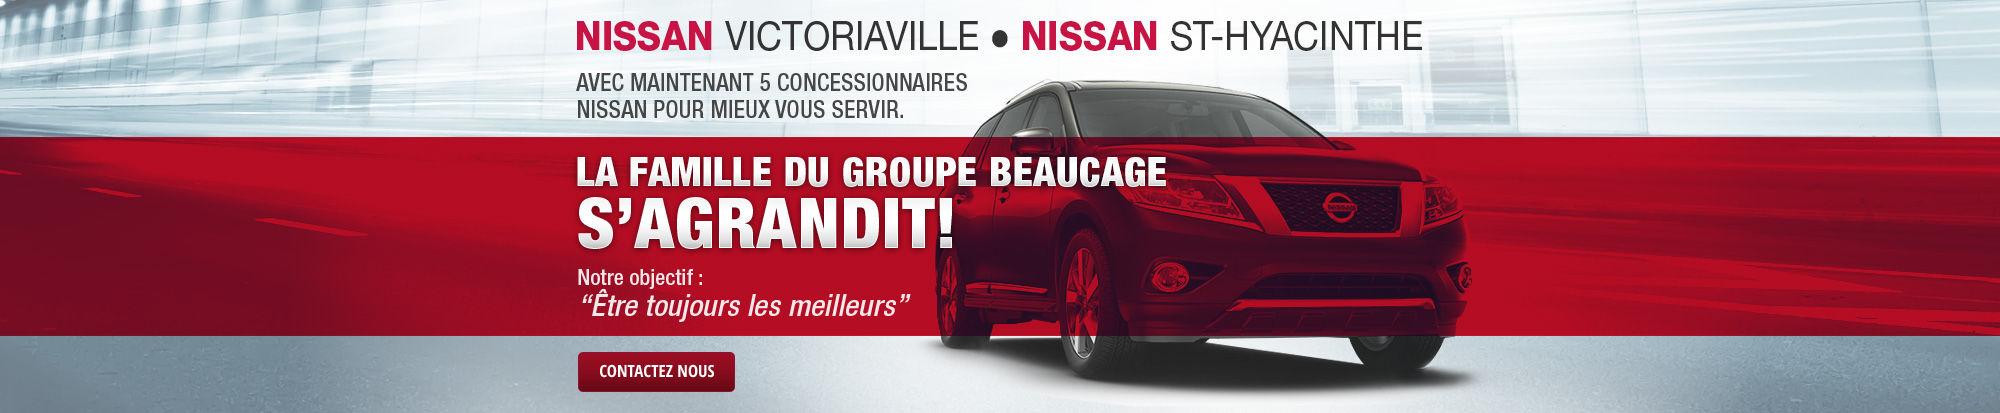 Nouveaux membres Nissan du groupe Beaucage